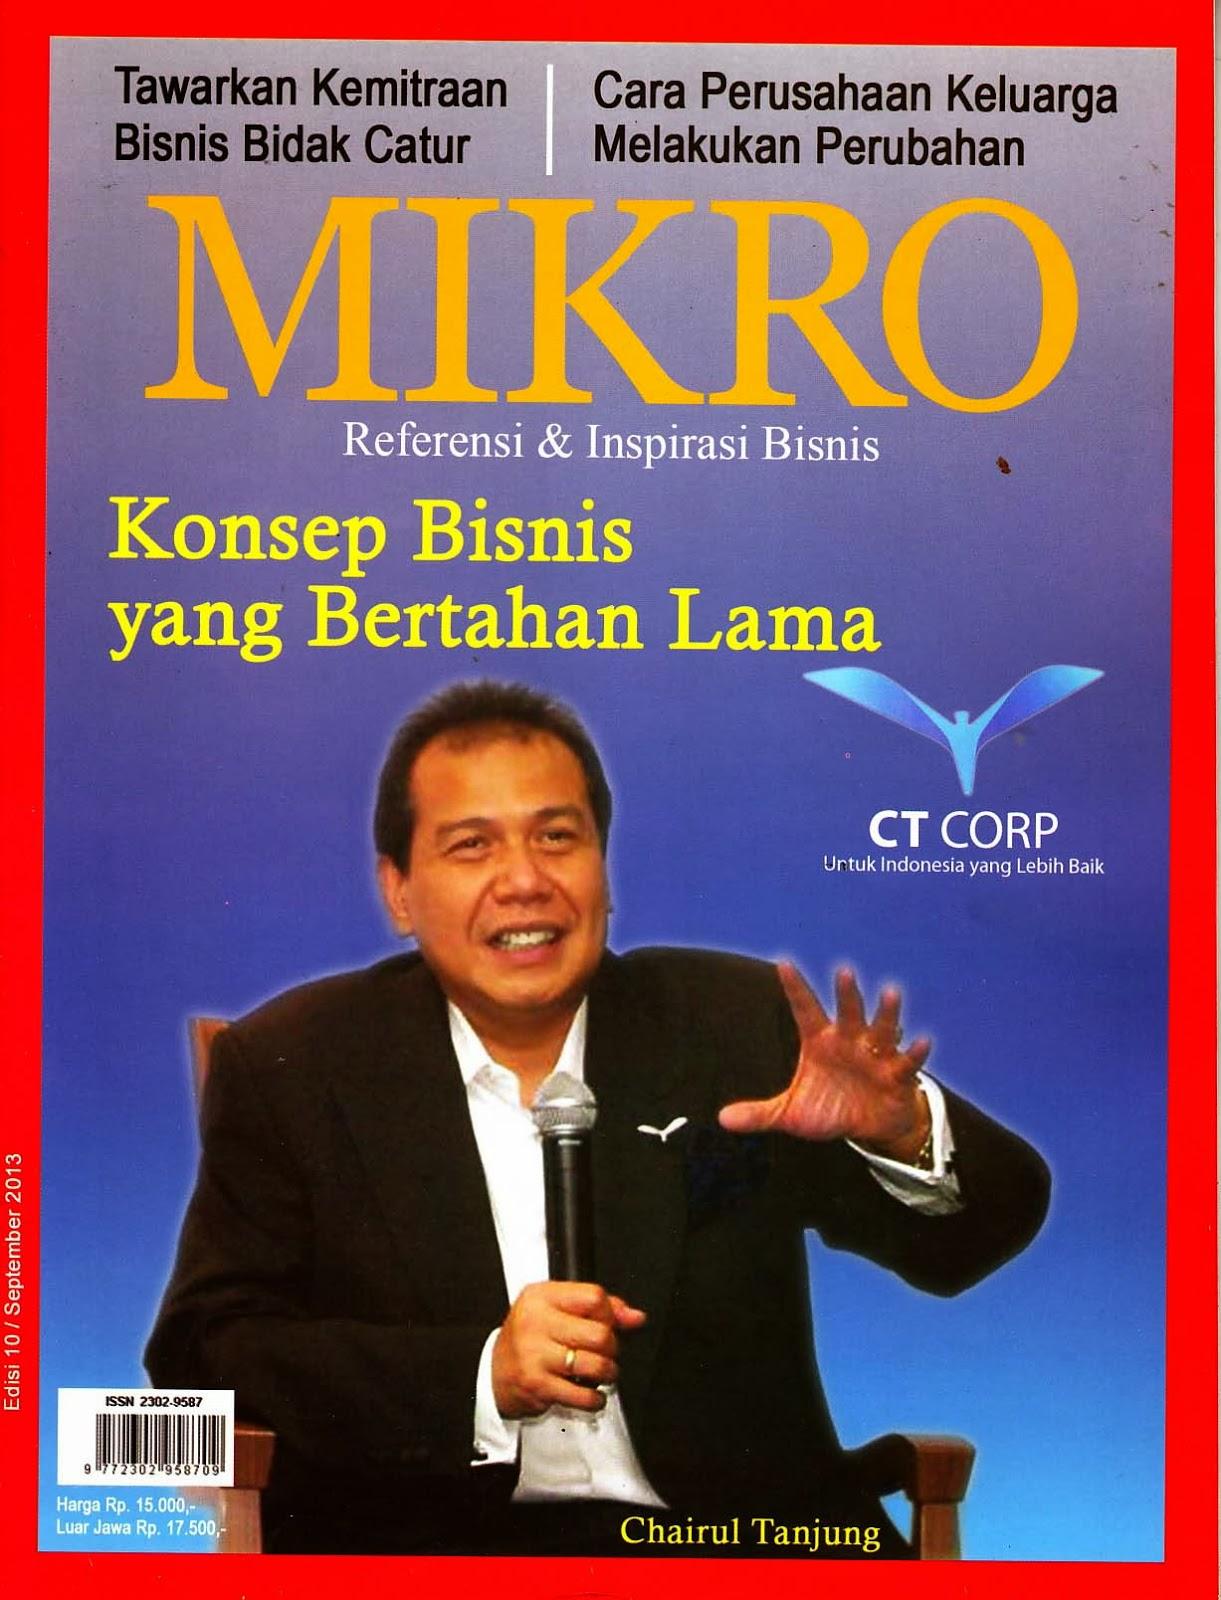 Chairul Tanjung Royal Rolling Chairs Atlantic City Koleksi K Atmojo 2 Majalah Baru Quotmikro Quot Tahun 2013